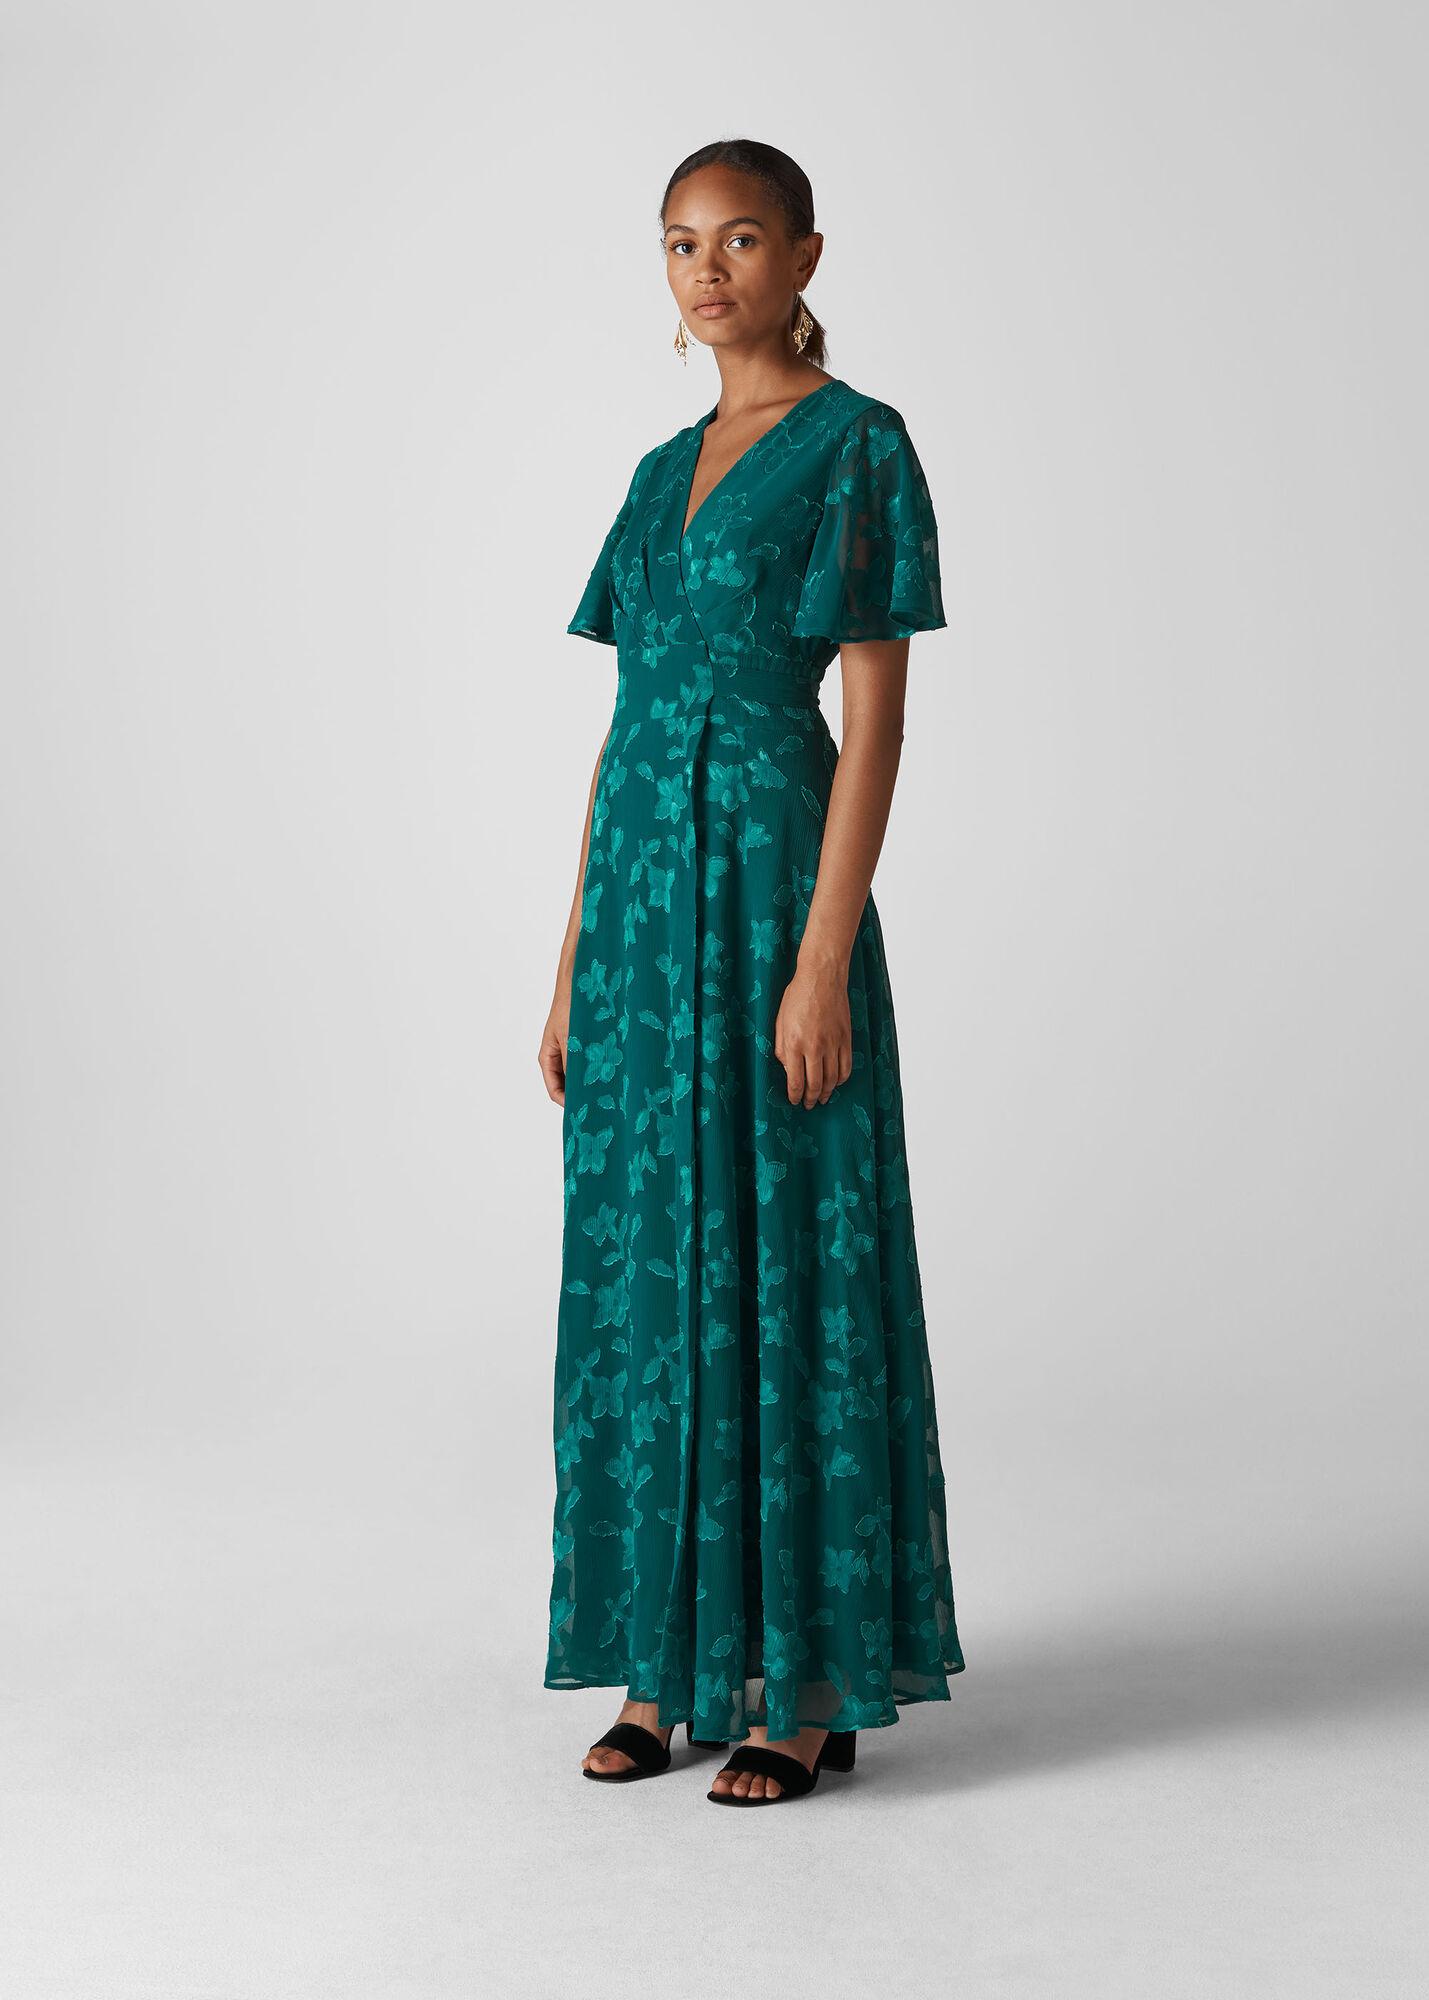 Robyn Jacquard Maxi Dress